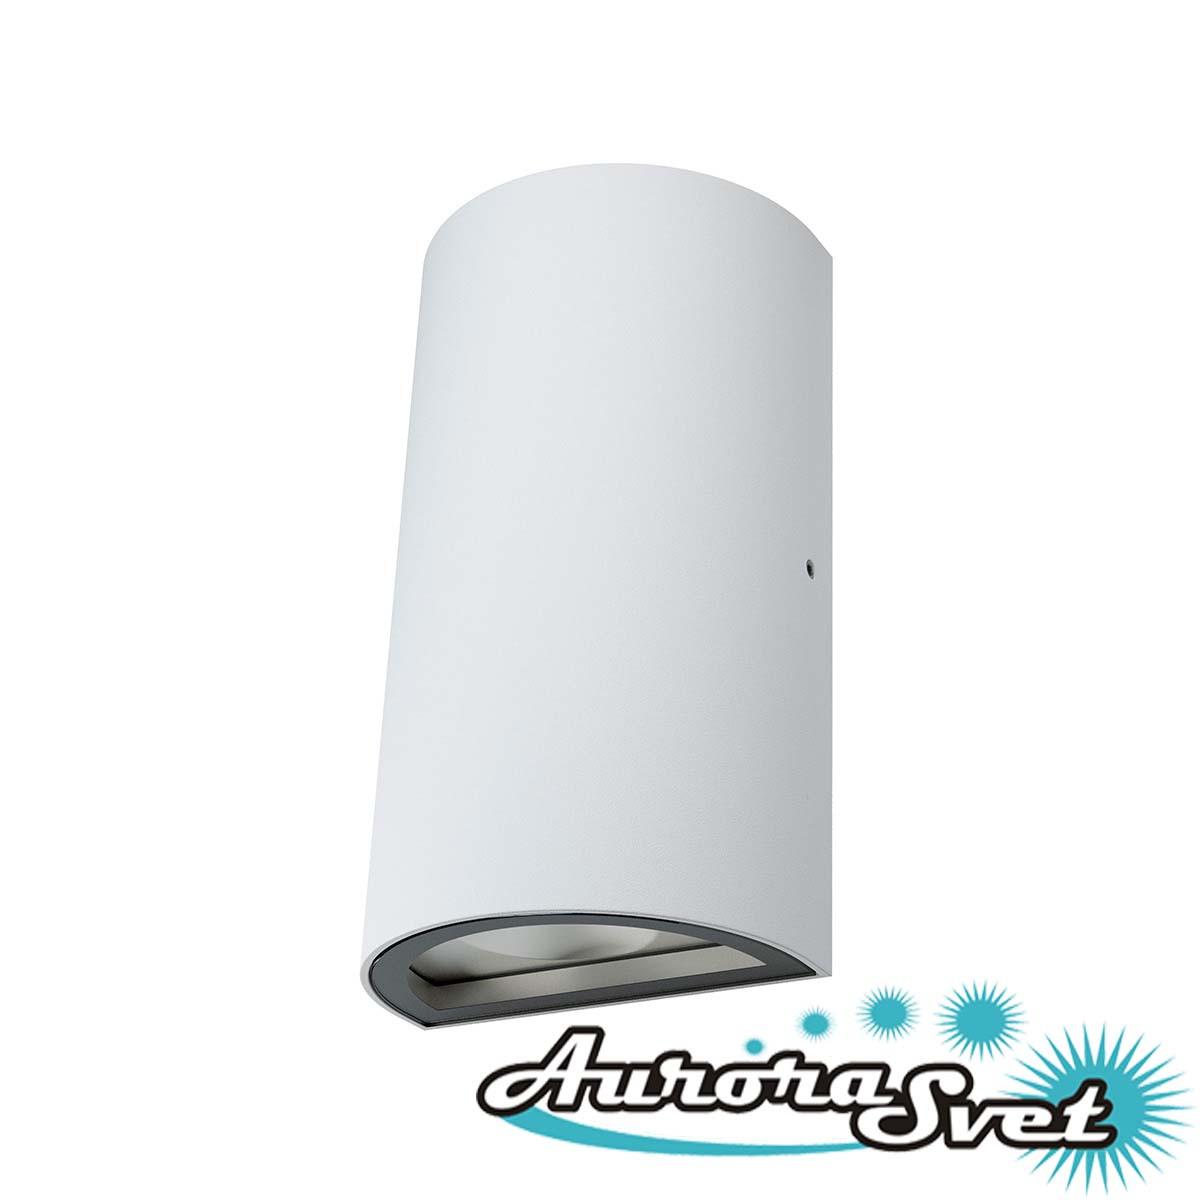 Светодиодный прожектор OSRAM ENDURA STYLE UpDown 12 W ЧЁРНЫЙ для наружного освещения. LED прожектор.